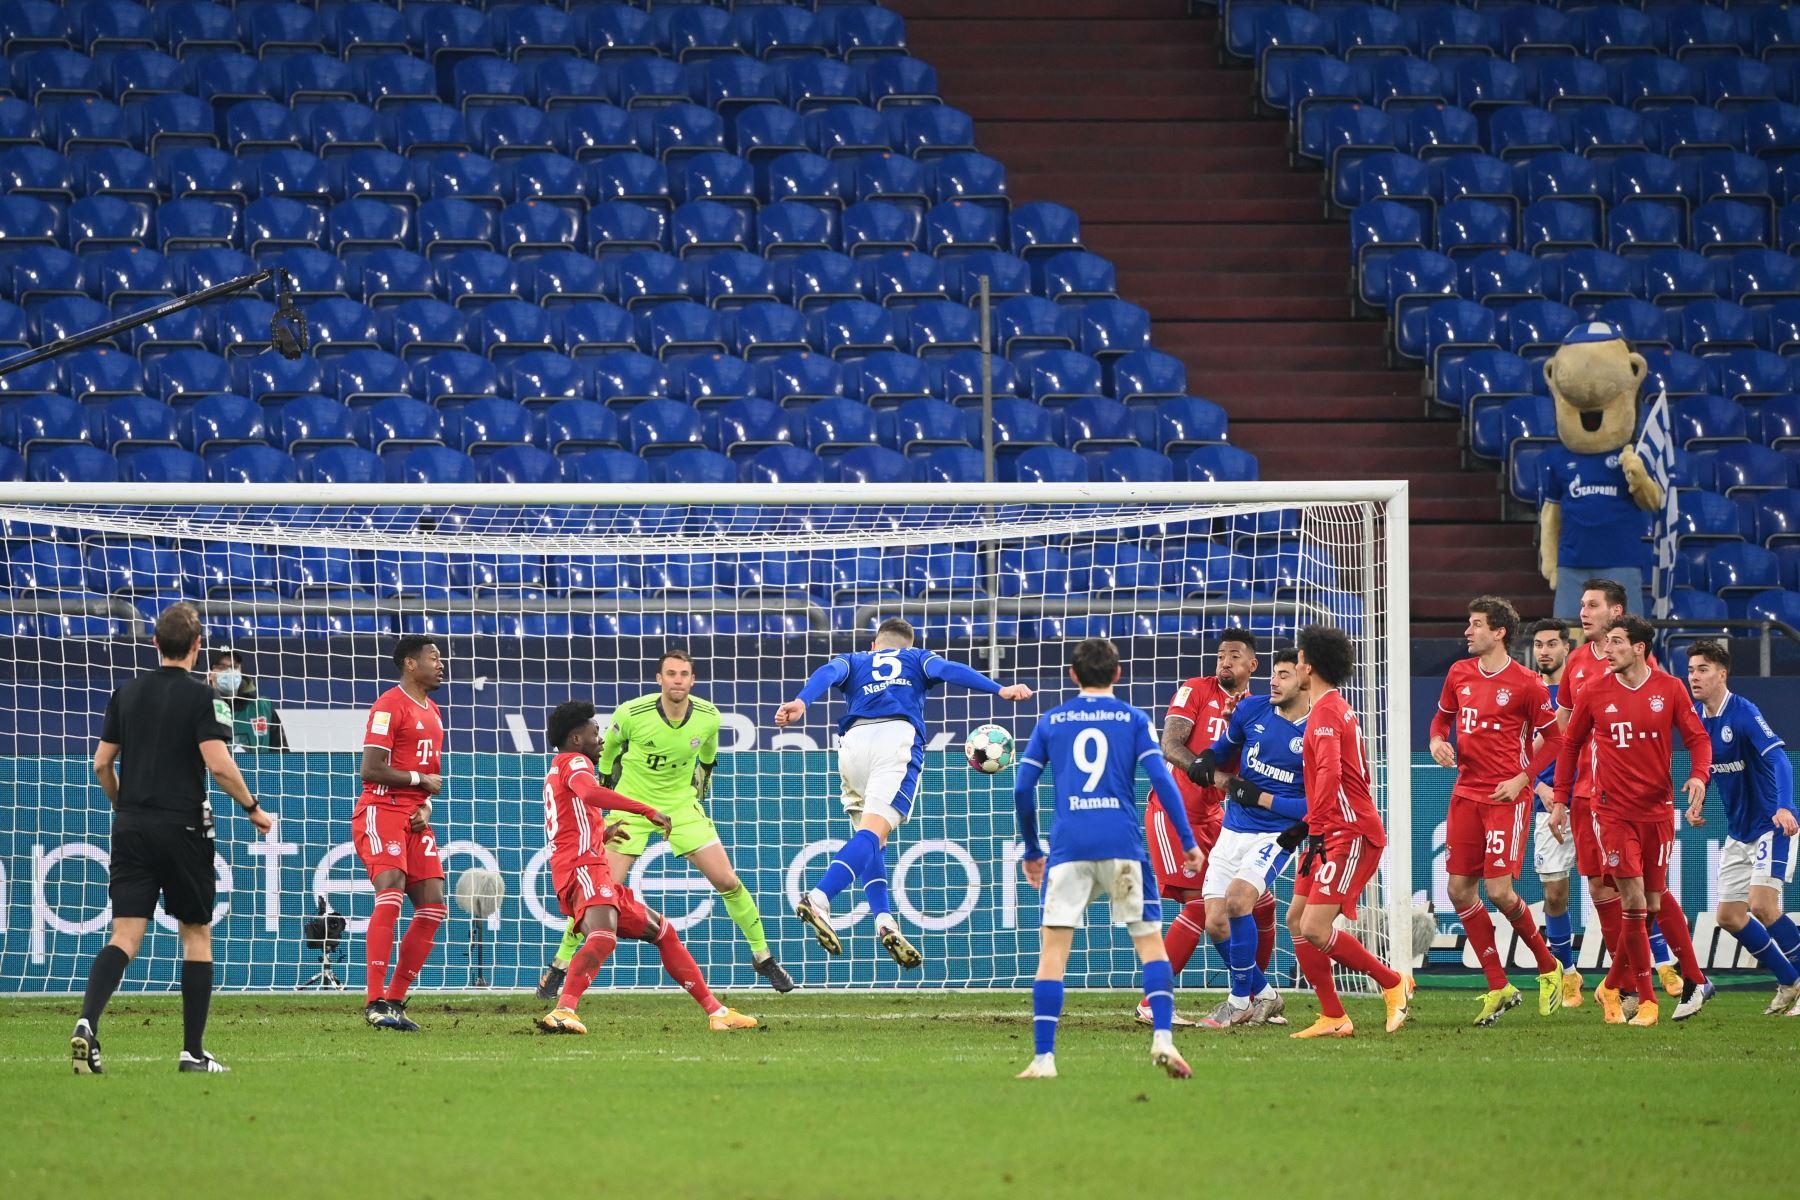 El defensor serbio del Schalke Matija Nastasic intenta anotar durante el partido de fútbol de la Bundesliga de primera división alemana Schalke 04 v FC Bayern Munich en Gelsenkirchen, en el oeste de Alemania. Foto: AFP